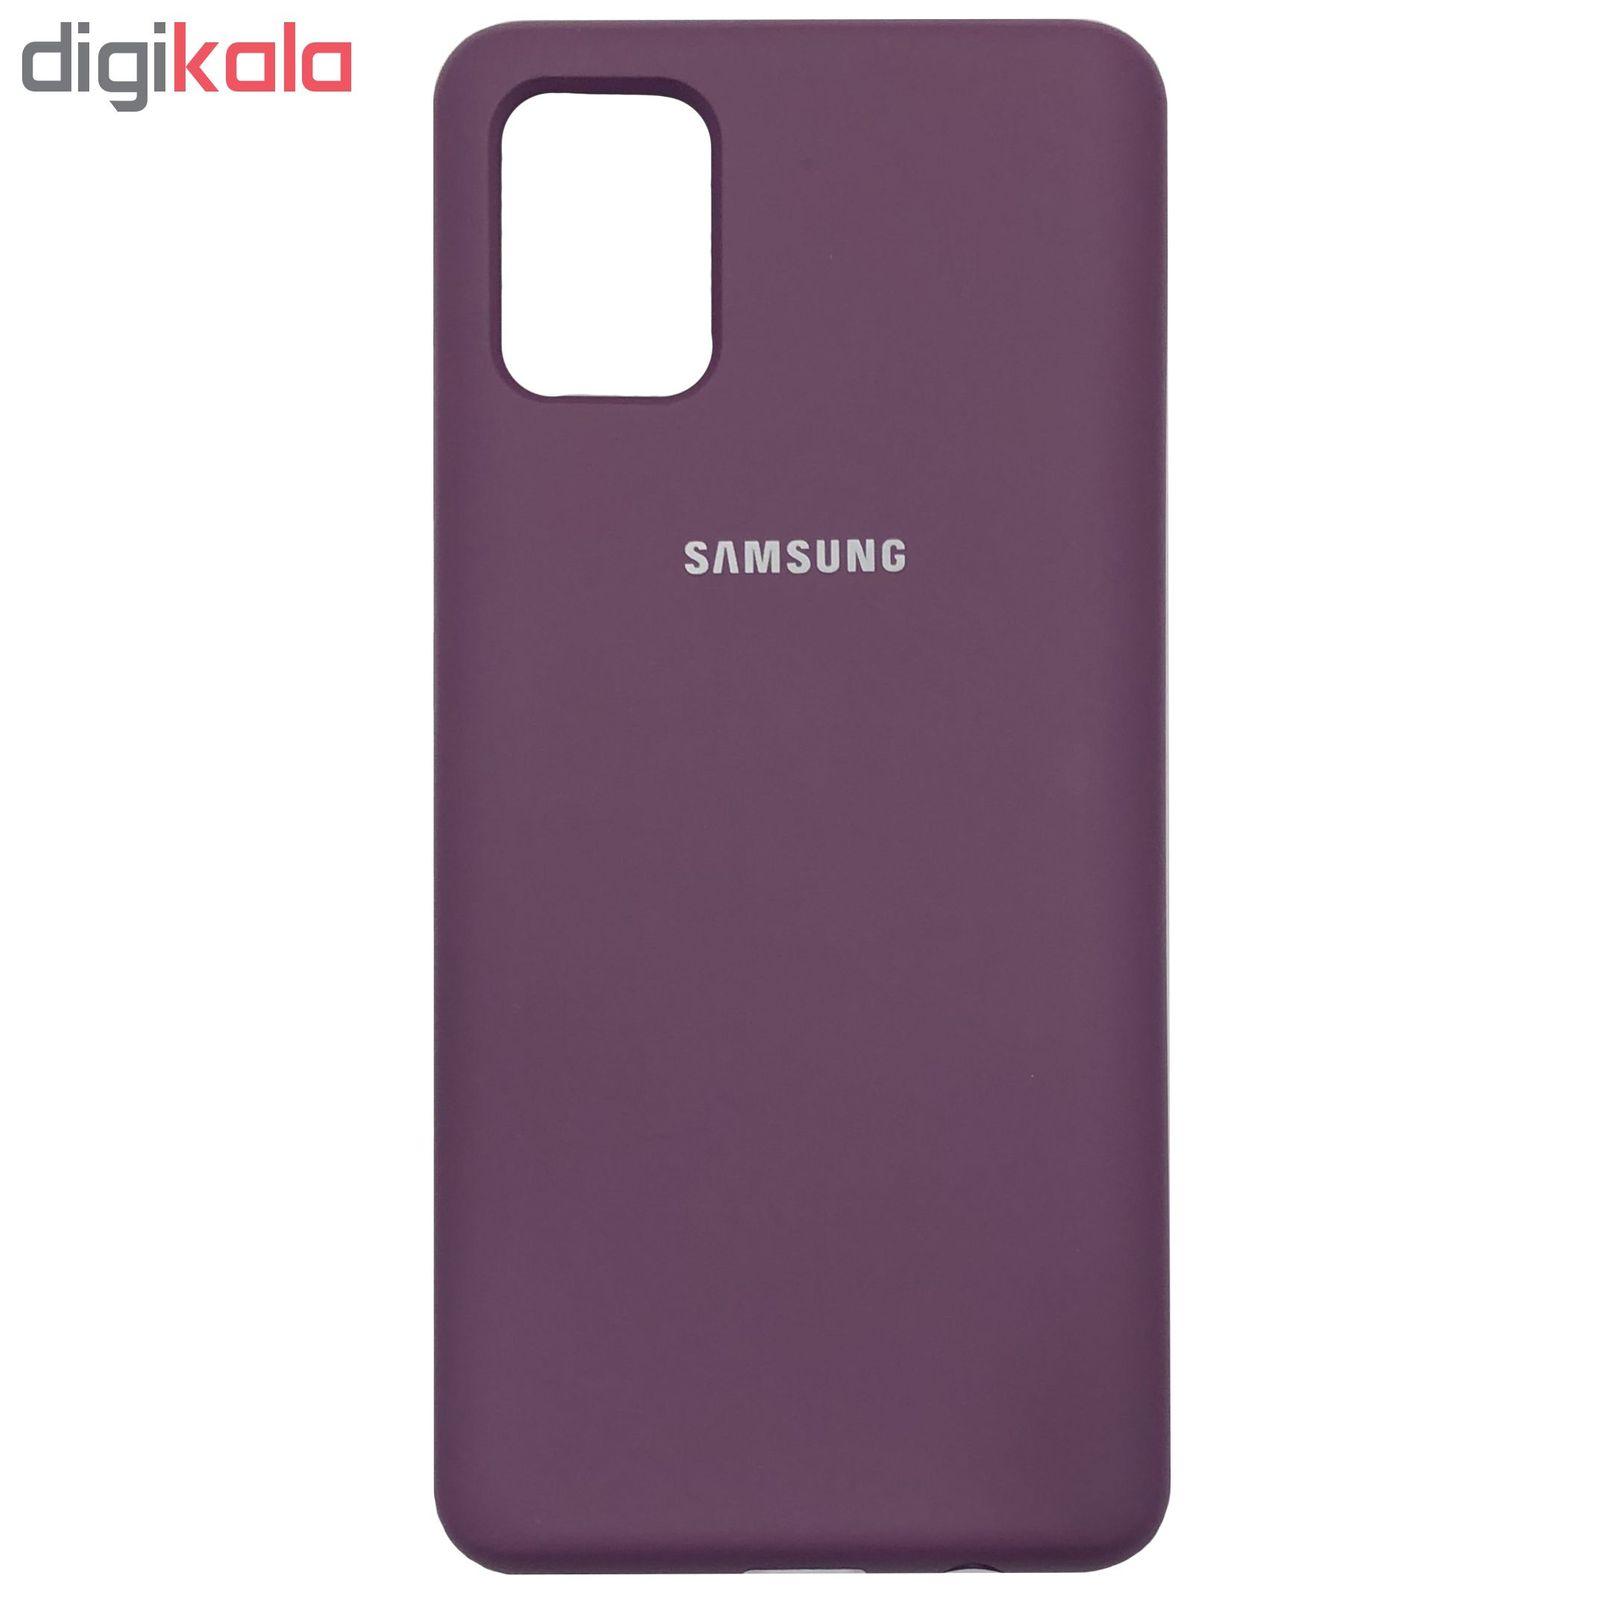 کاور مدل SIL-003 مناسب برای گوشی موبایل سامسونگ Galaxy A51 main 1 1